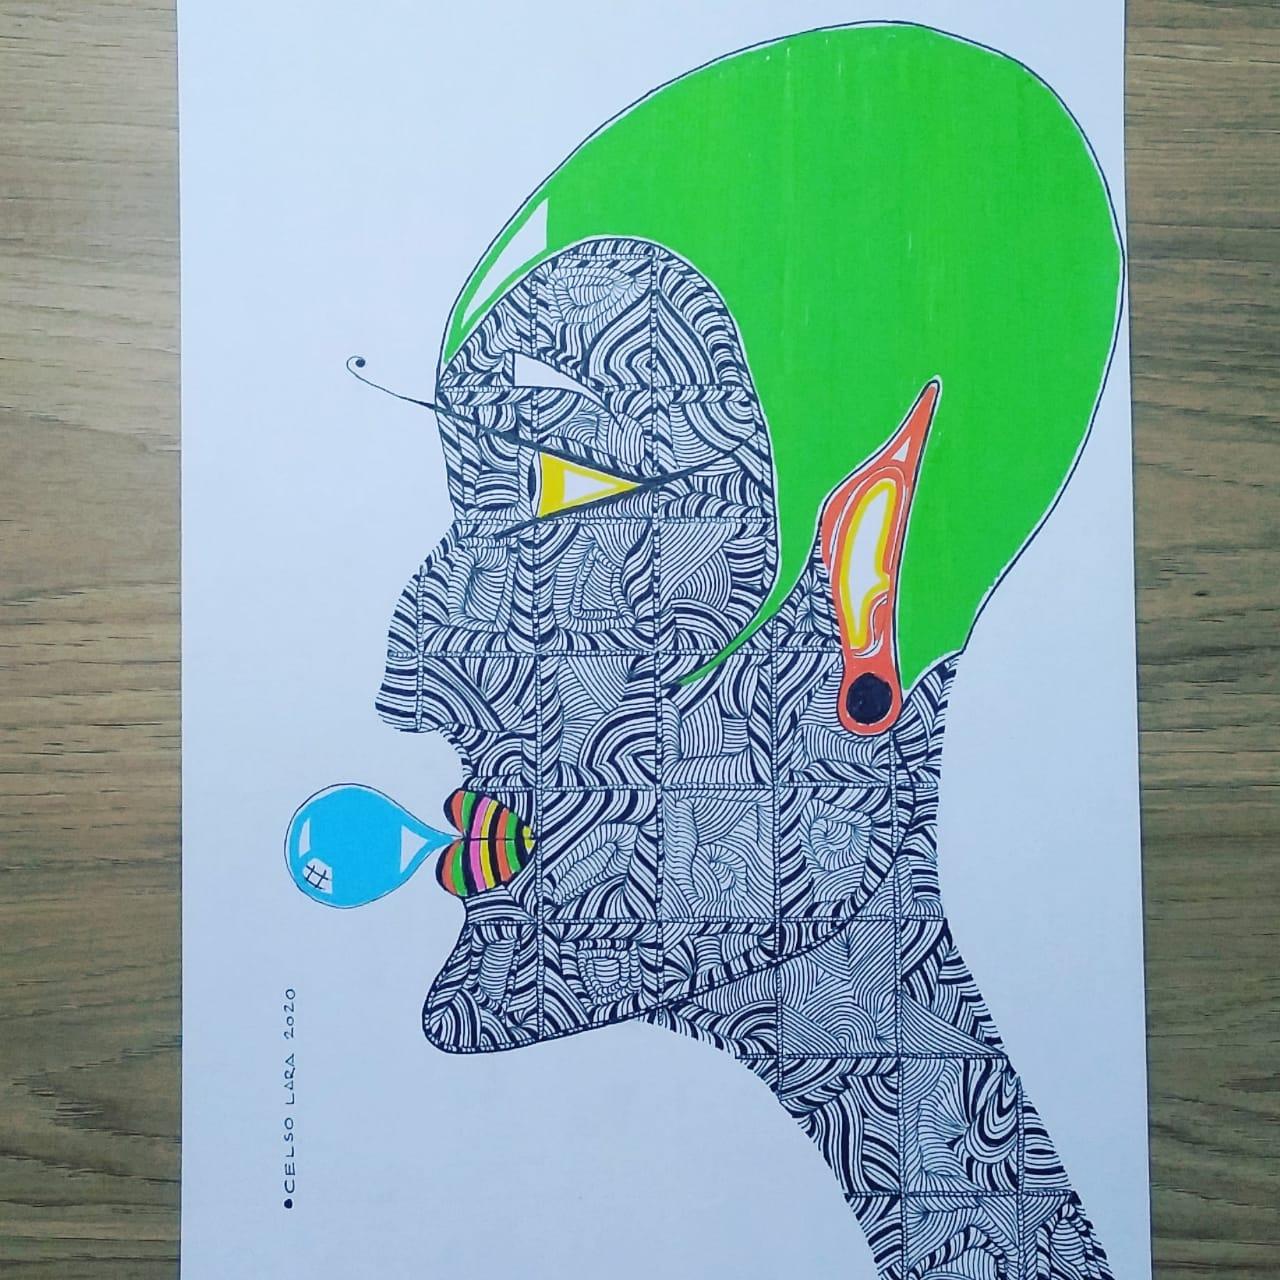 Obra III por Celso Lara